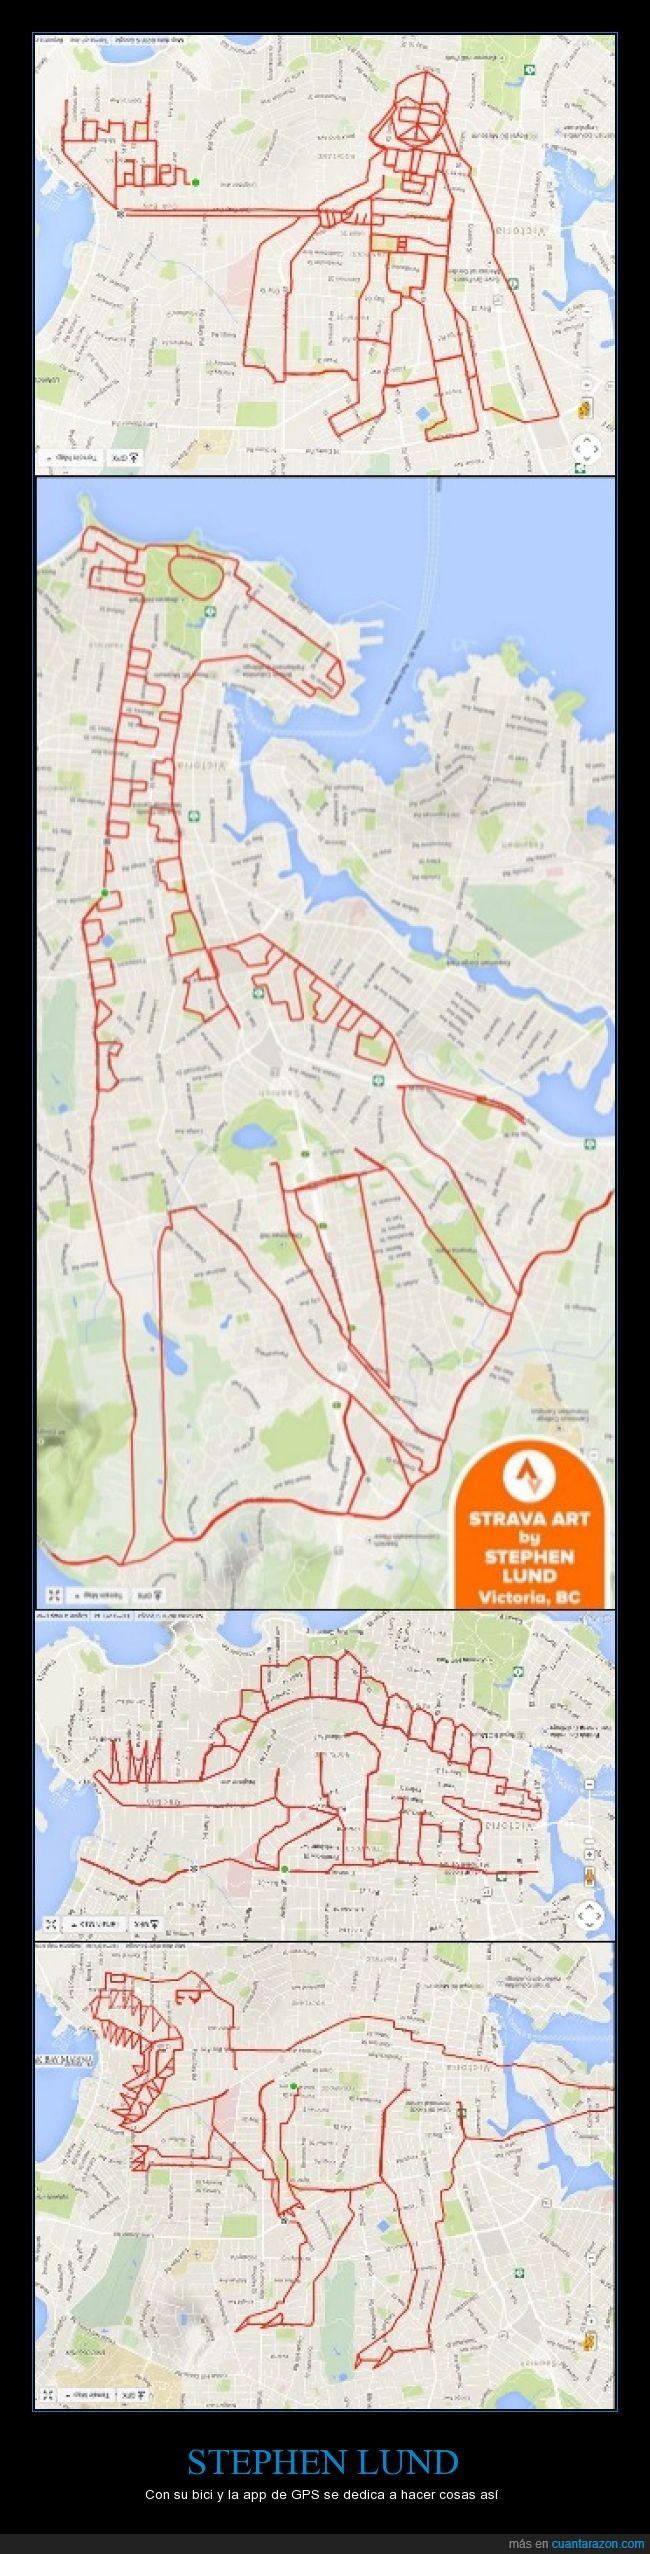 bici,ciudad,Darth Vader,dibujo,dinosaurio,GPS,Stephen Lund